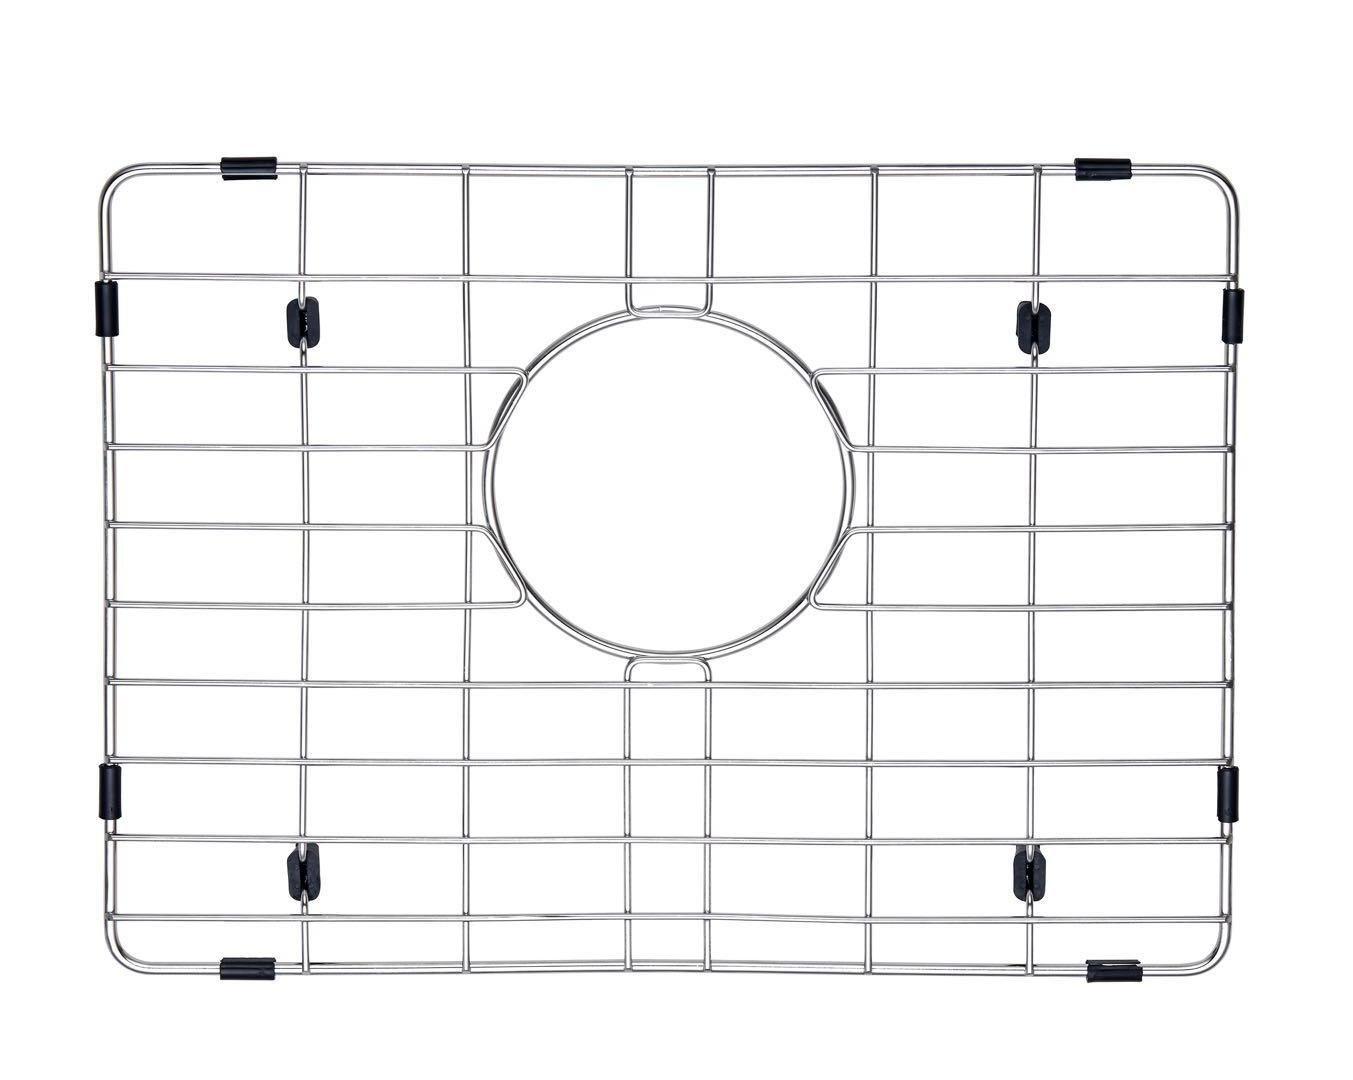 Starstar Kitchen Sink Bottom Grid, Stainless Steel, 16.75 x 12